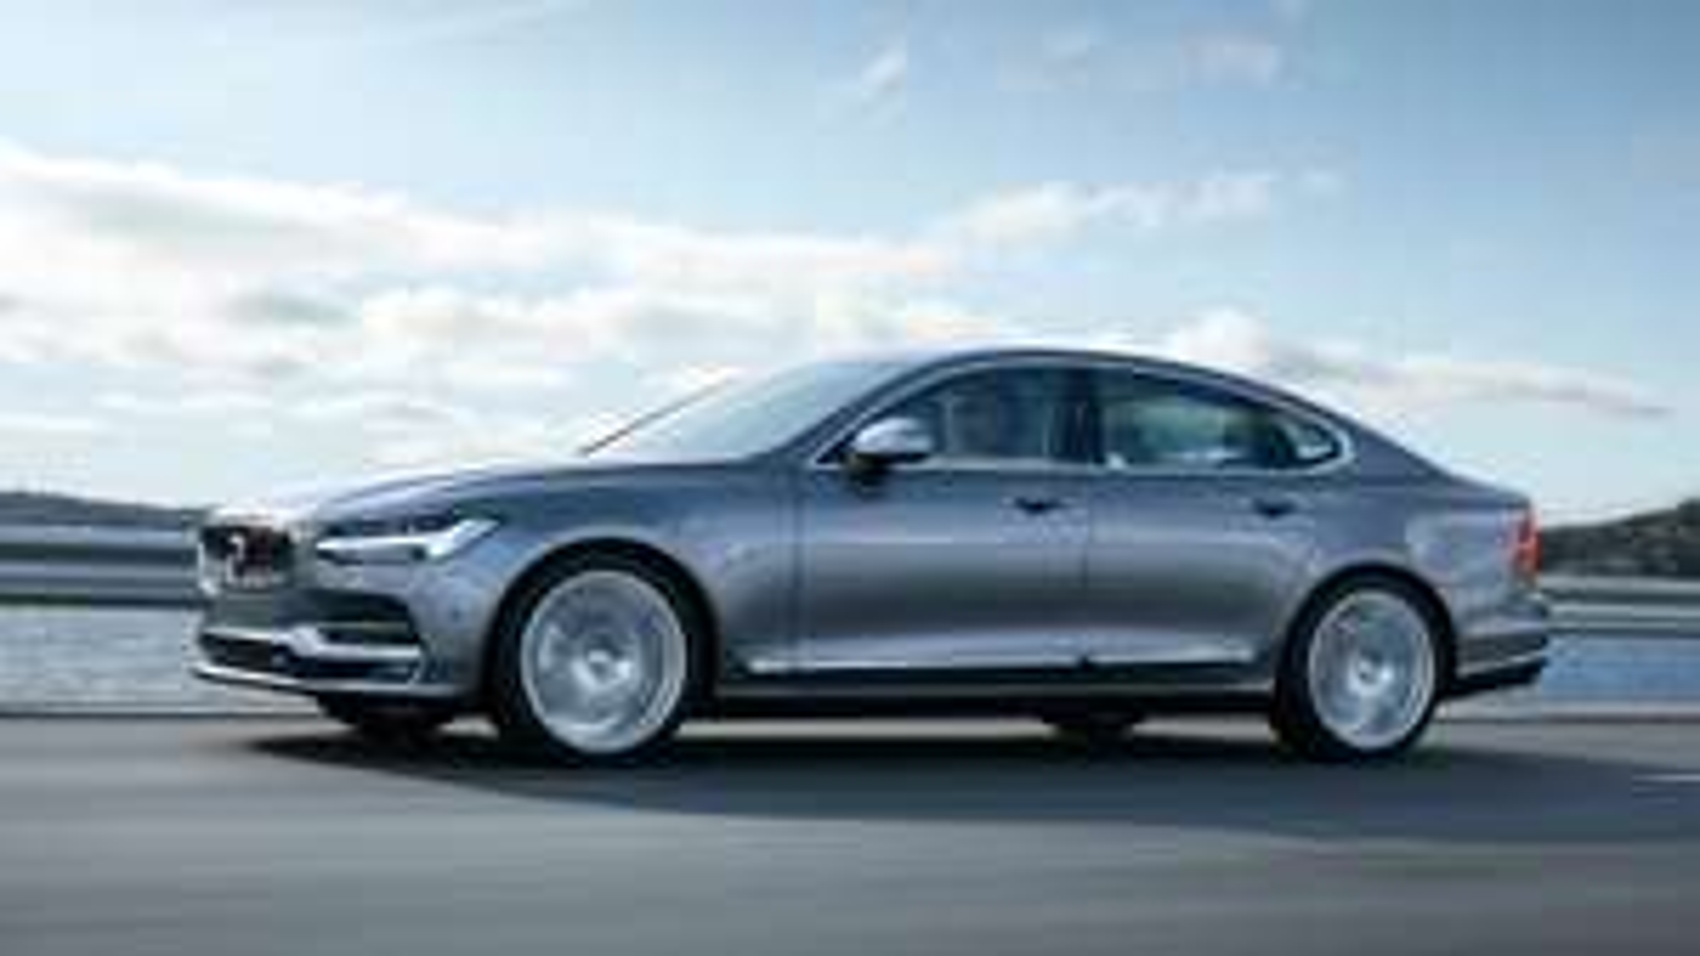 Volvo S90 D4 Momentum (190 PS) mit Automatik - Jahreswagen für mtl. 262,40€ (netto), 1€ Überführung, LF 0,47, 24 Monate [Gewerbeleasing]